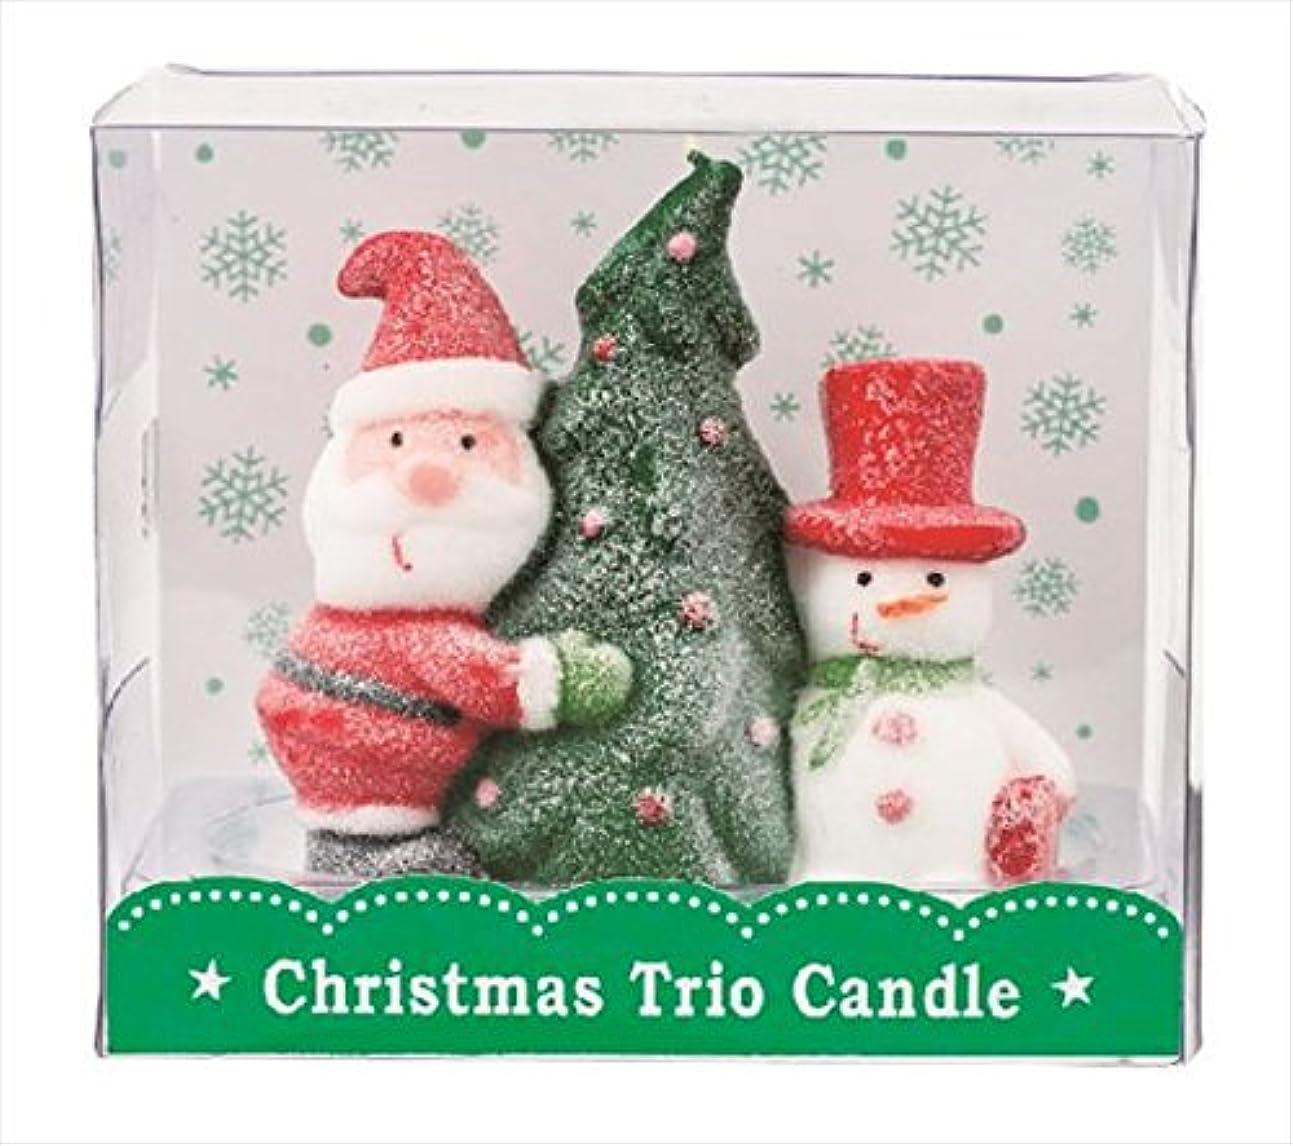 カメヤマキャンドル(kameyama candle) クリスマストリオキャンドル 「 ツリー 」